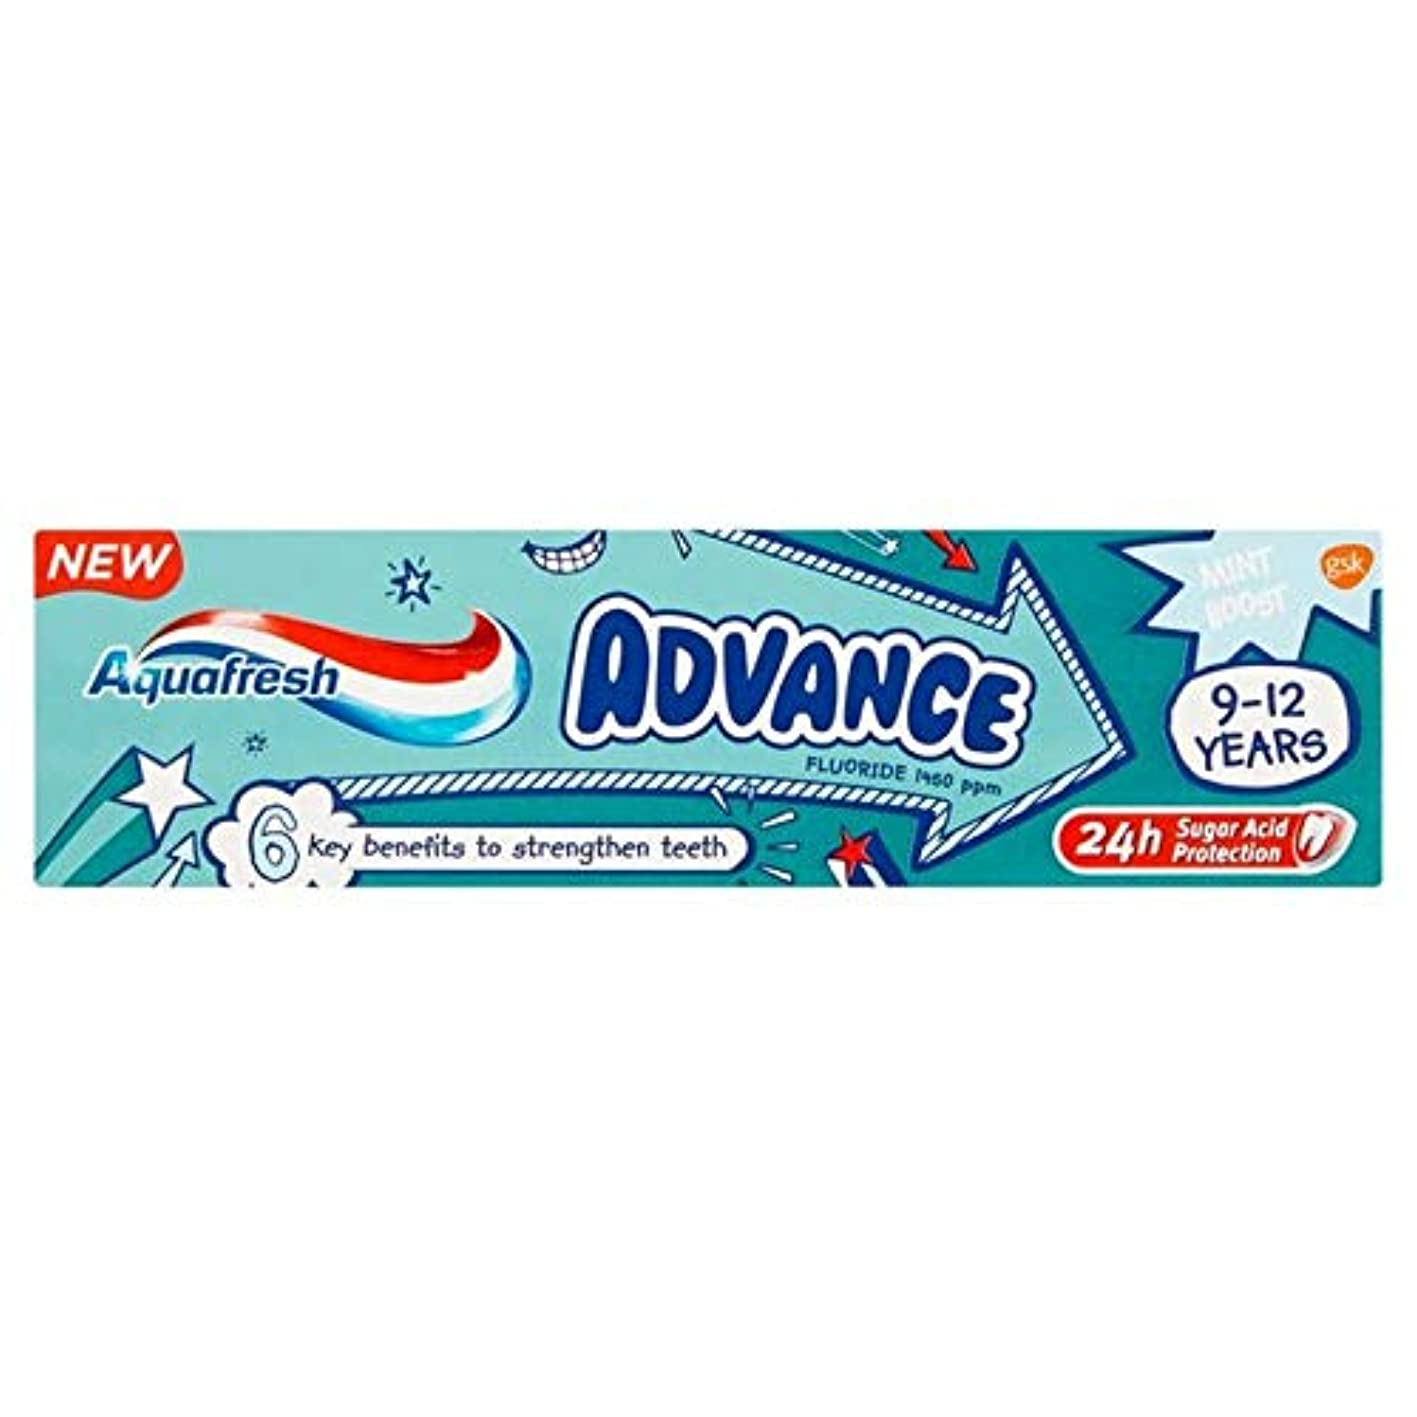 キャラバン才能のある推進、動かす[Aquafresh ] アクアフレッシュの事前9-12年間の子供の歯磨き粉75ミリリットル - Aquafresh Advance 9-12 Years Kids Toothpaste 75ml [並行輸入品]